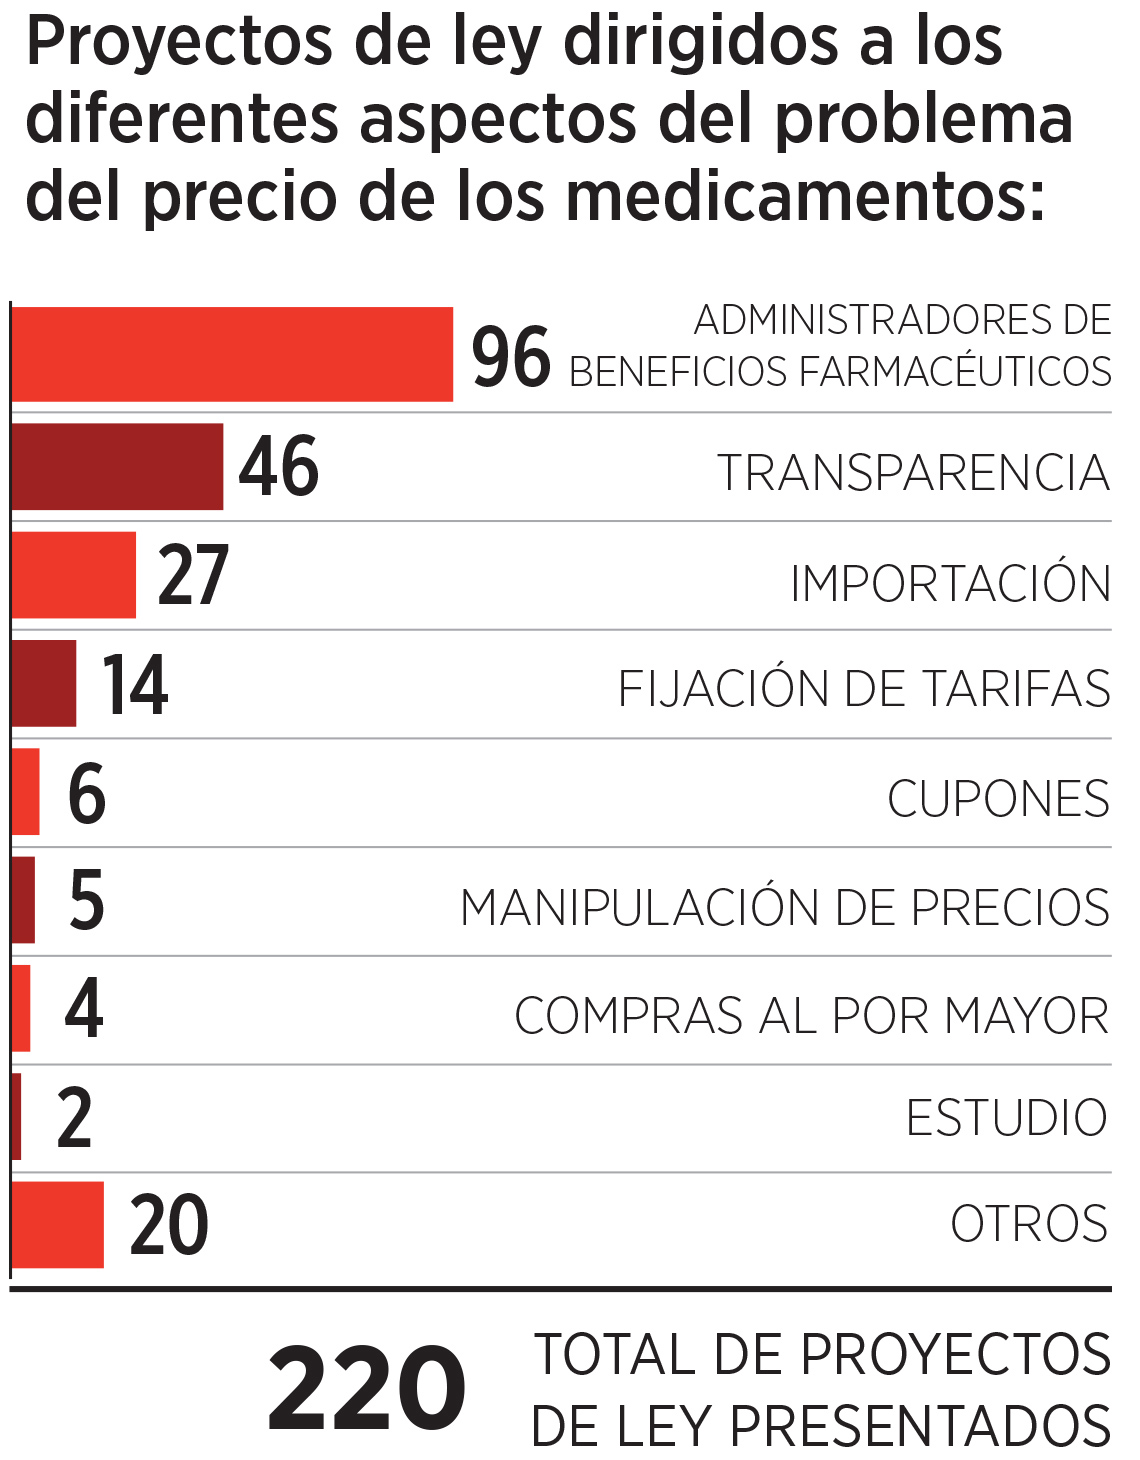 Gráfica sobre el número proyectos de ley para bajar el precio de los medicamentos presentados en el Congreso